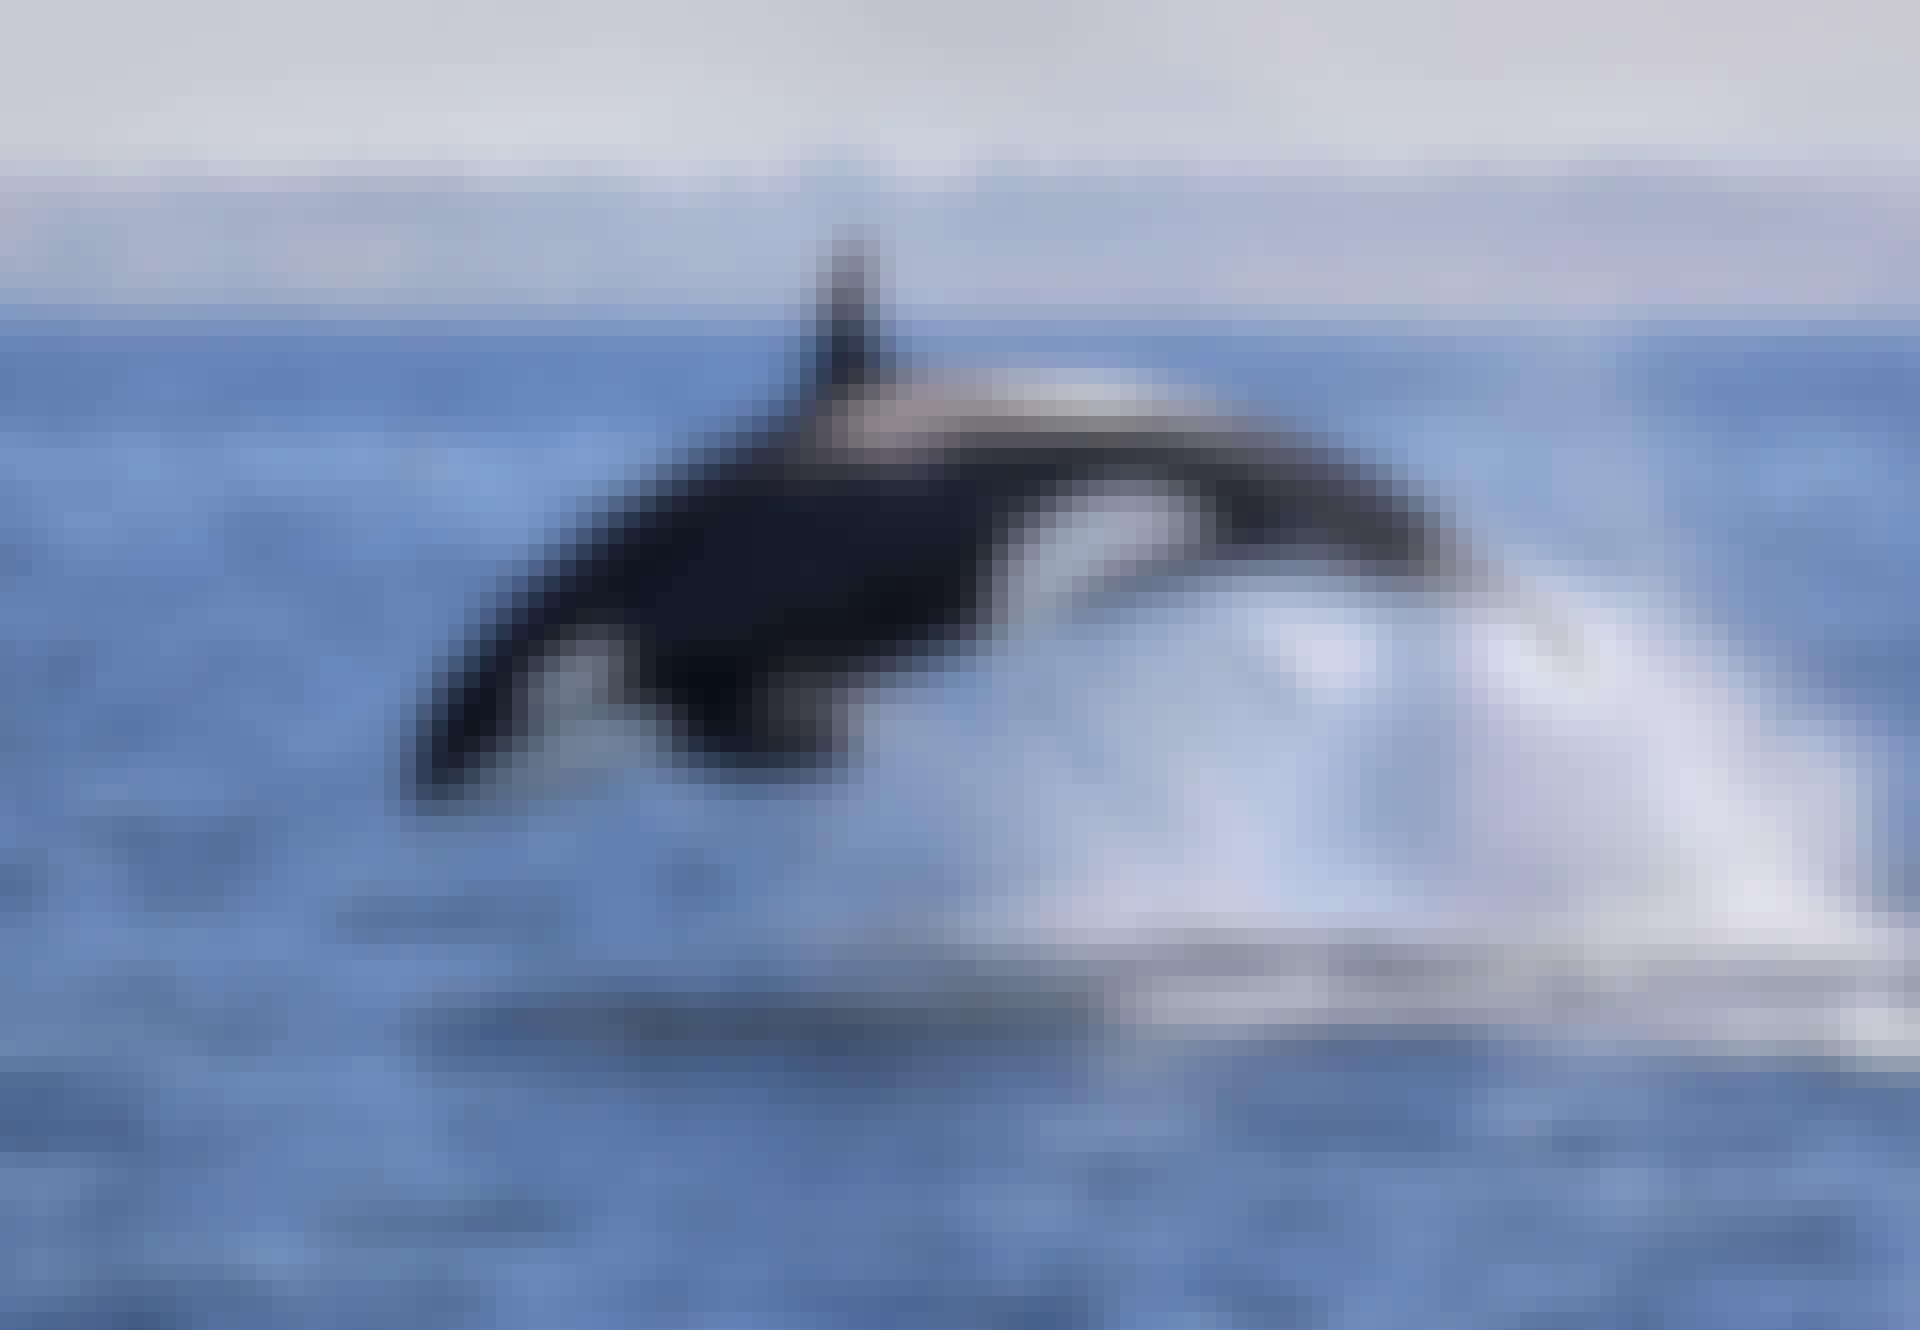 Späckhuggare hoppar upp ur havet.